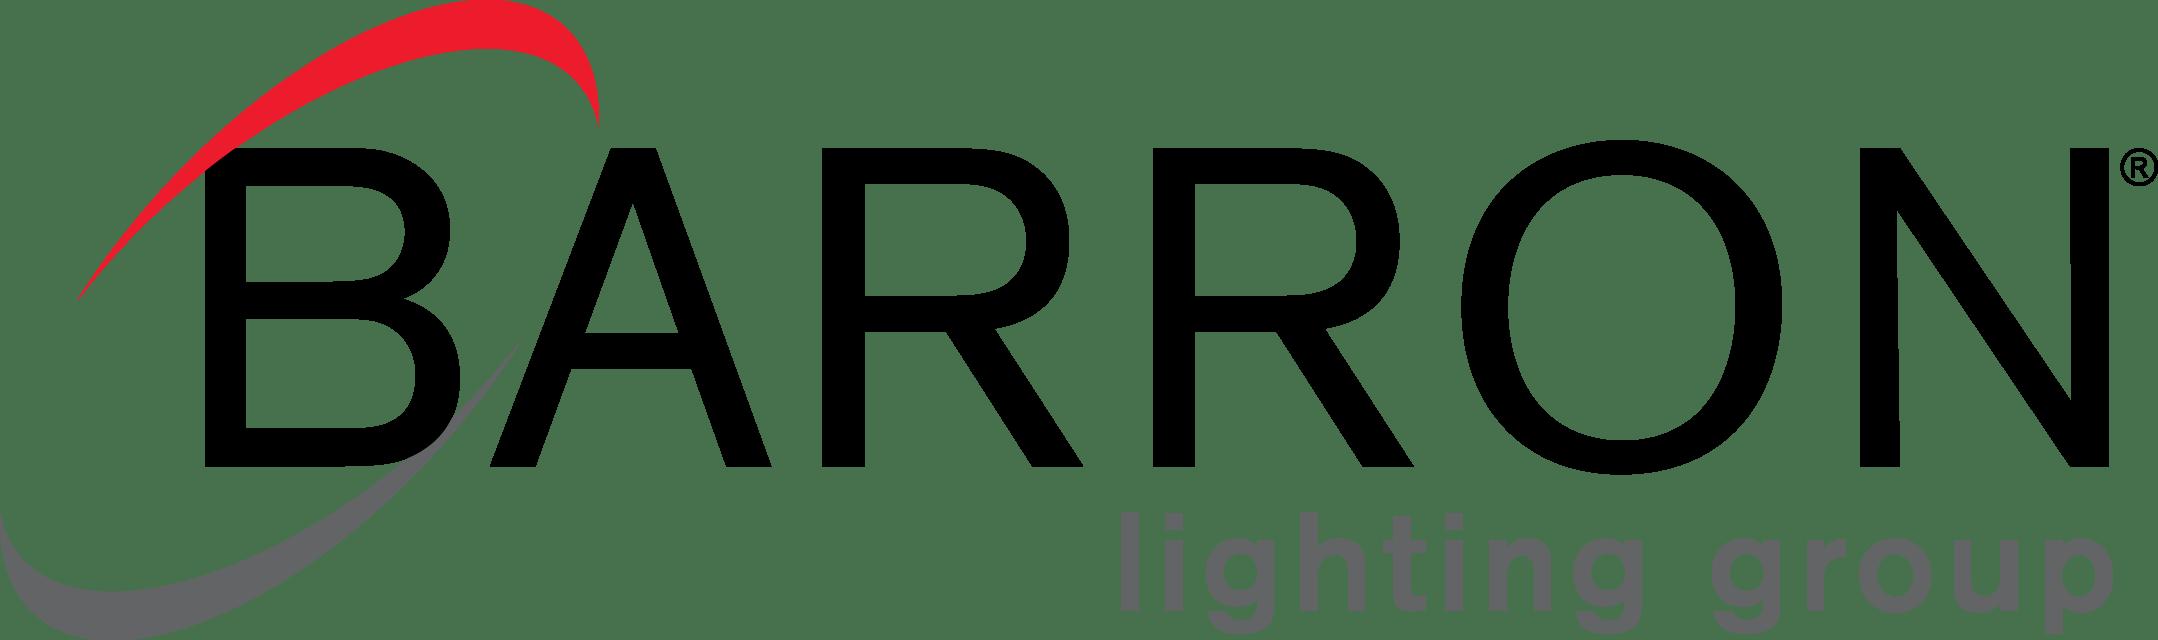 barron lighting group media kit